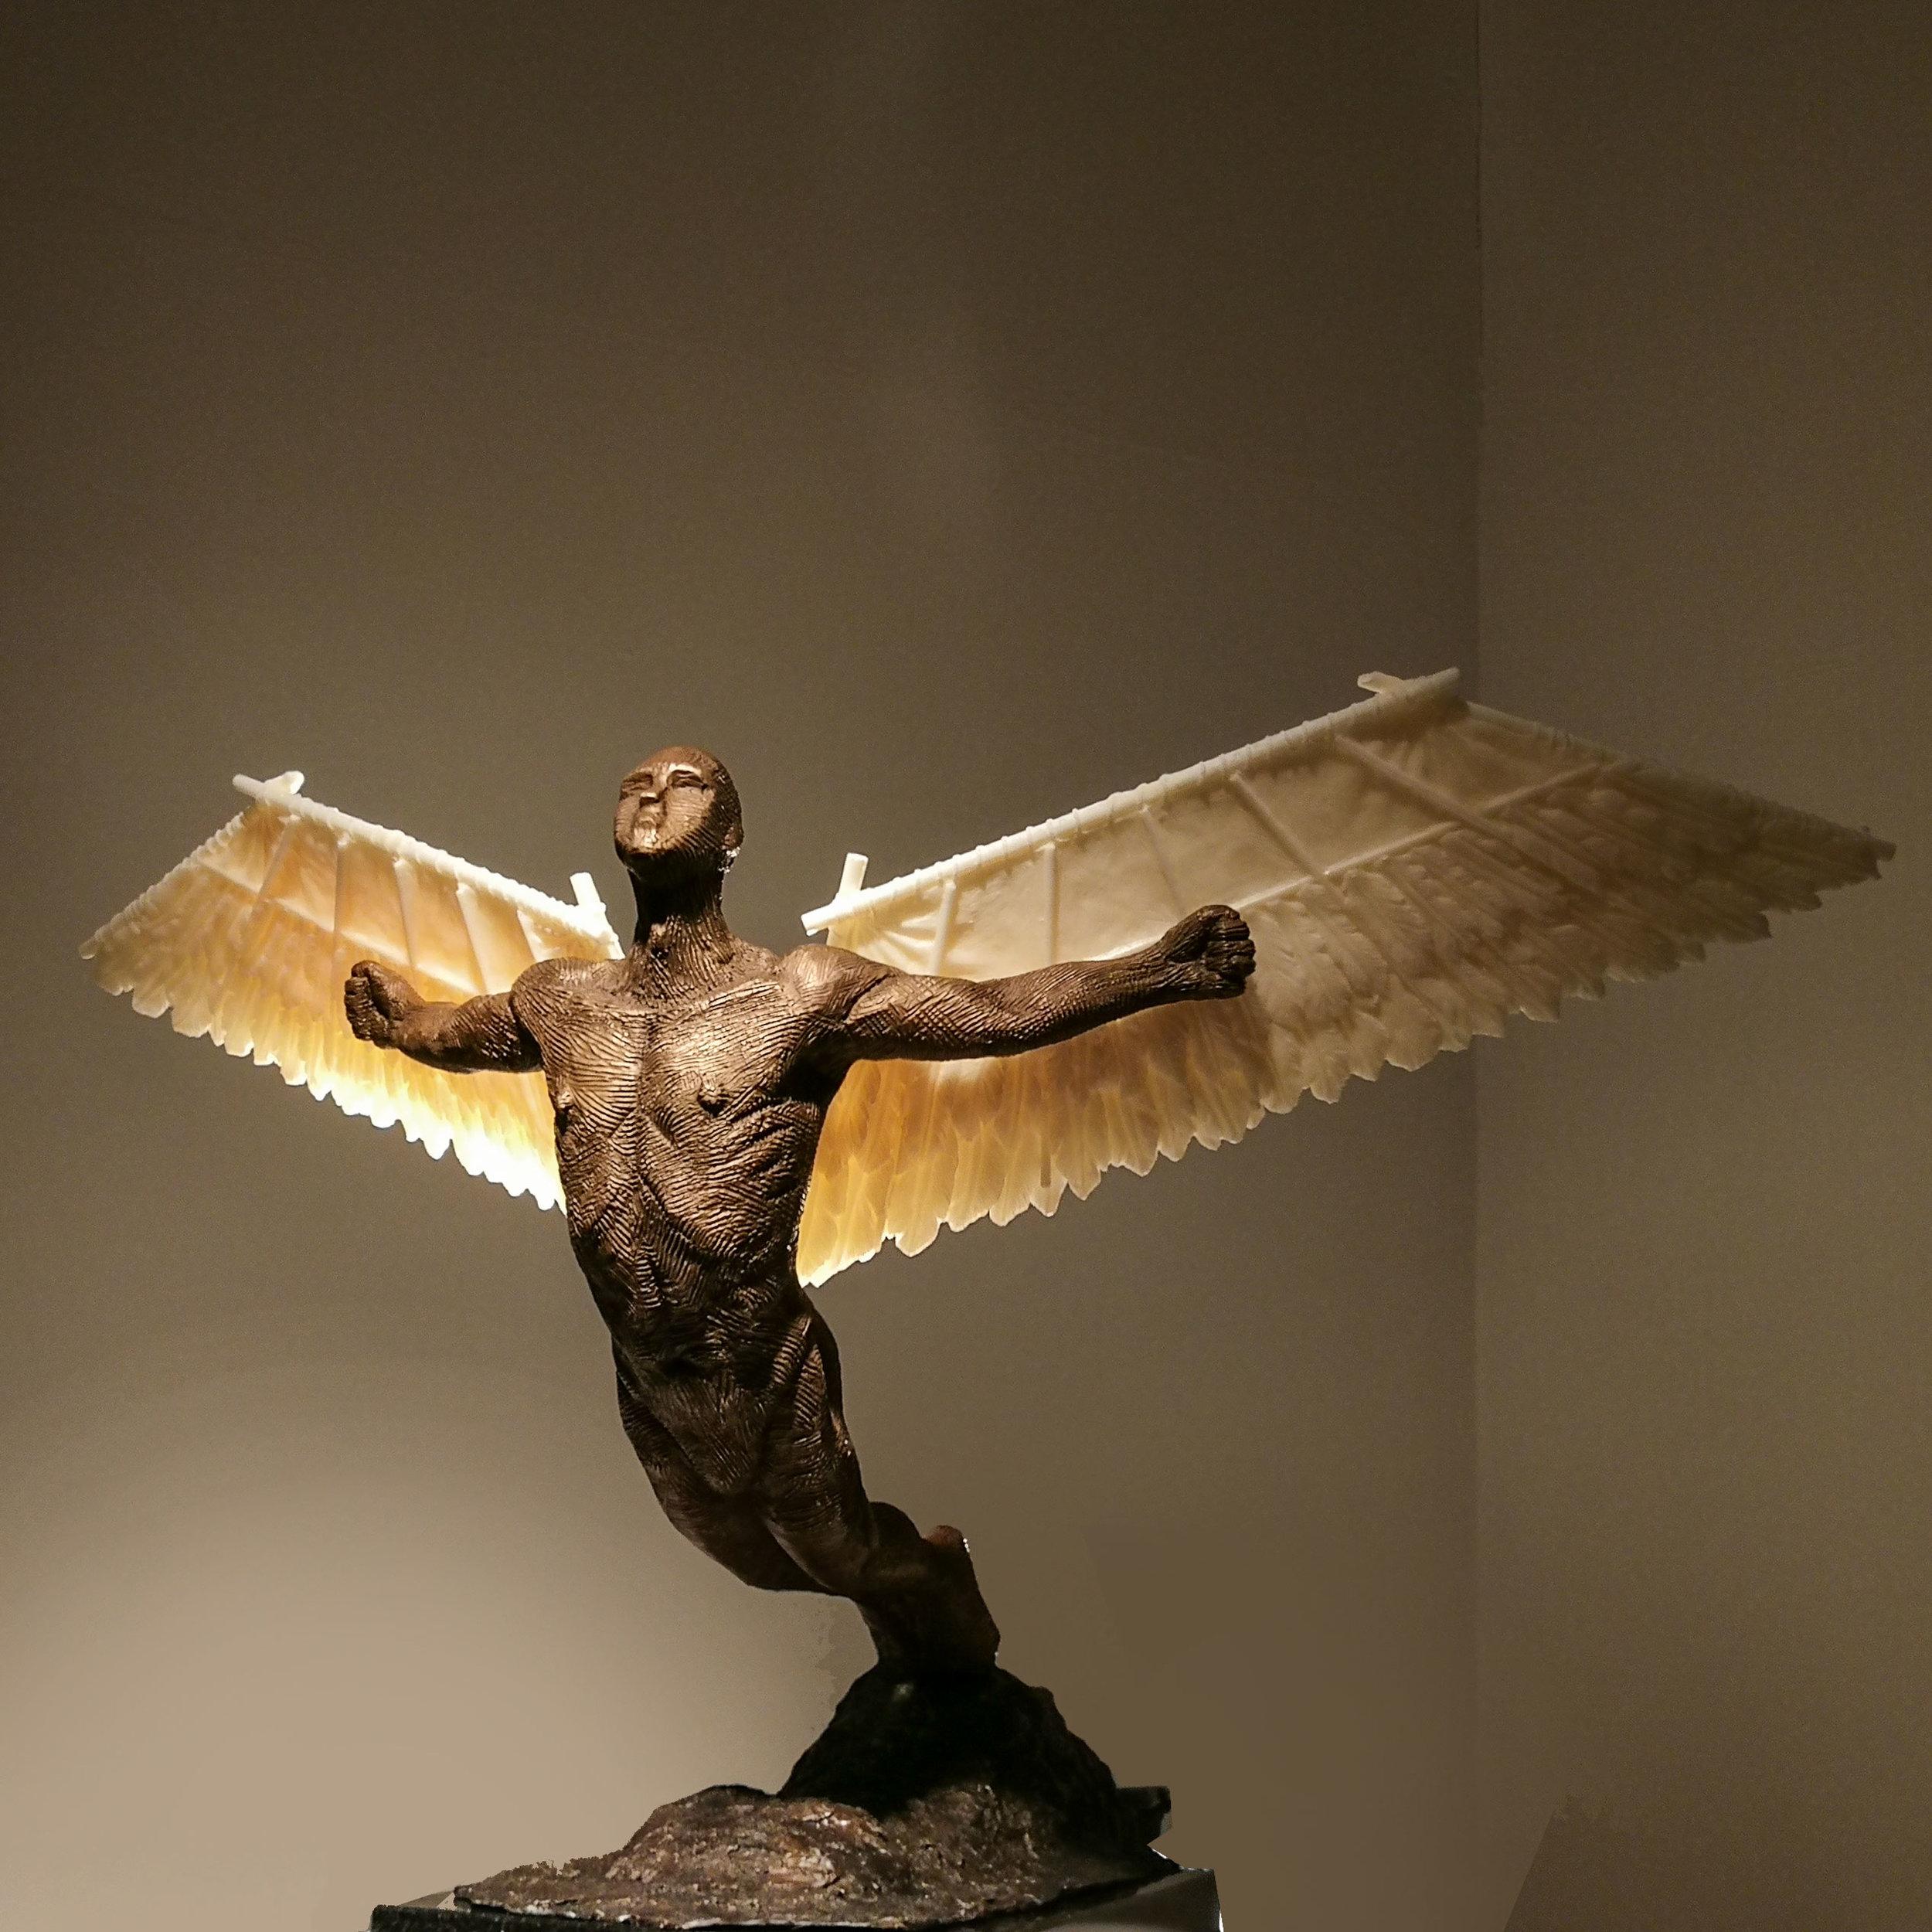 Icarus_222921.jpg